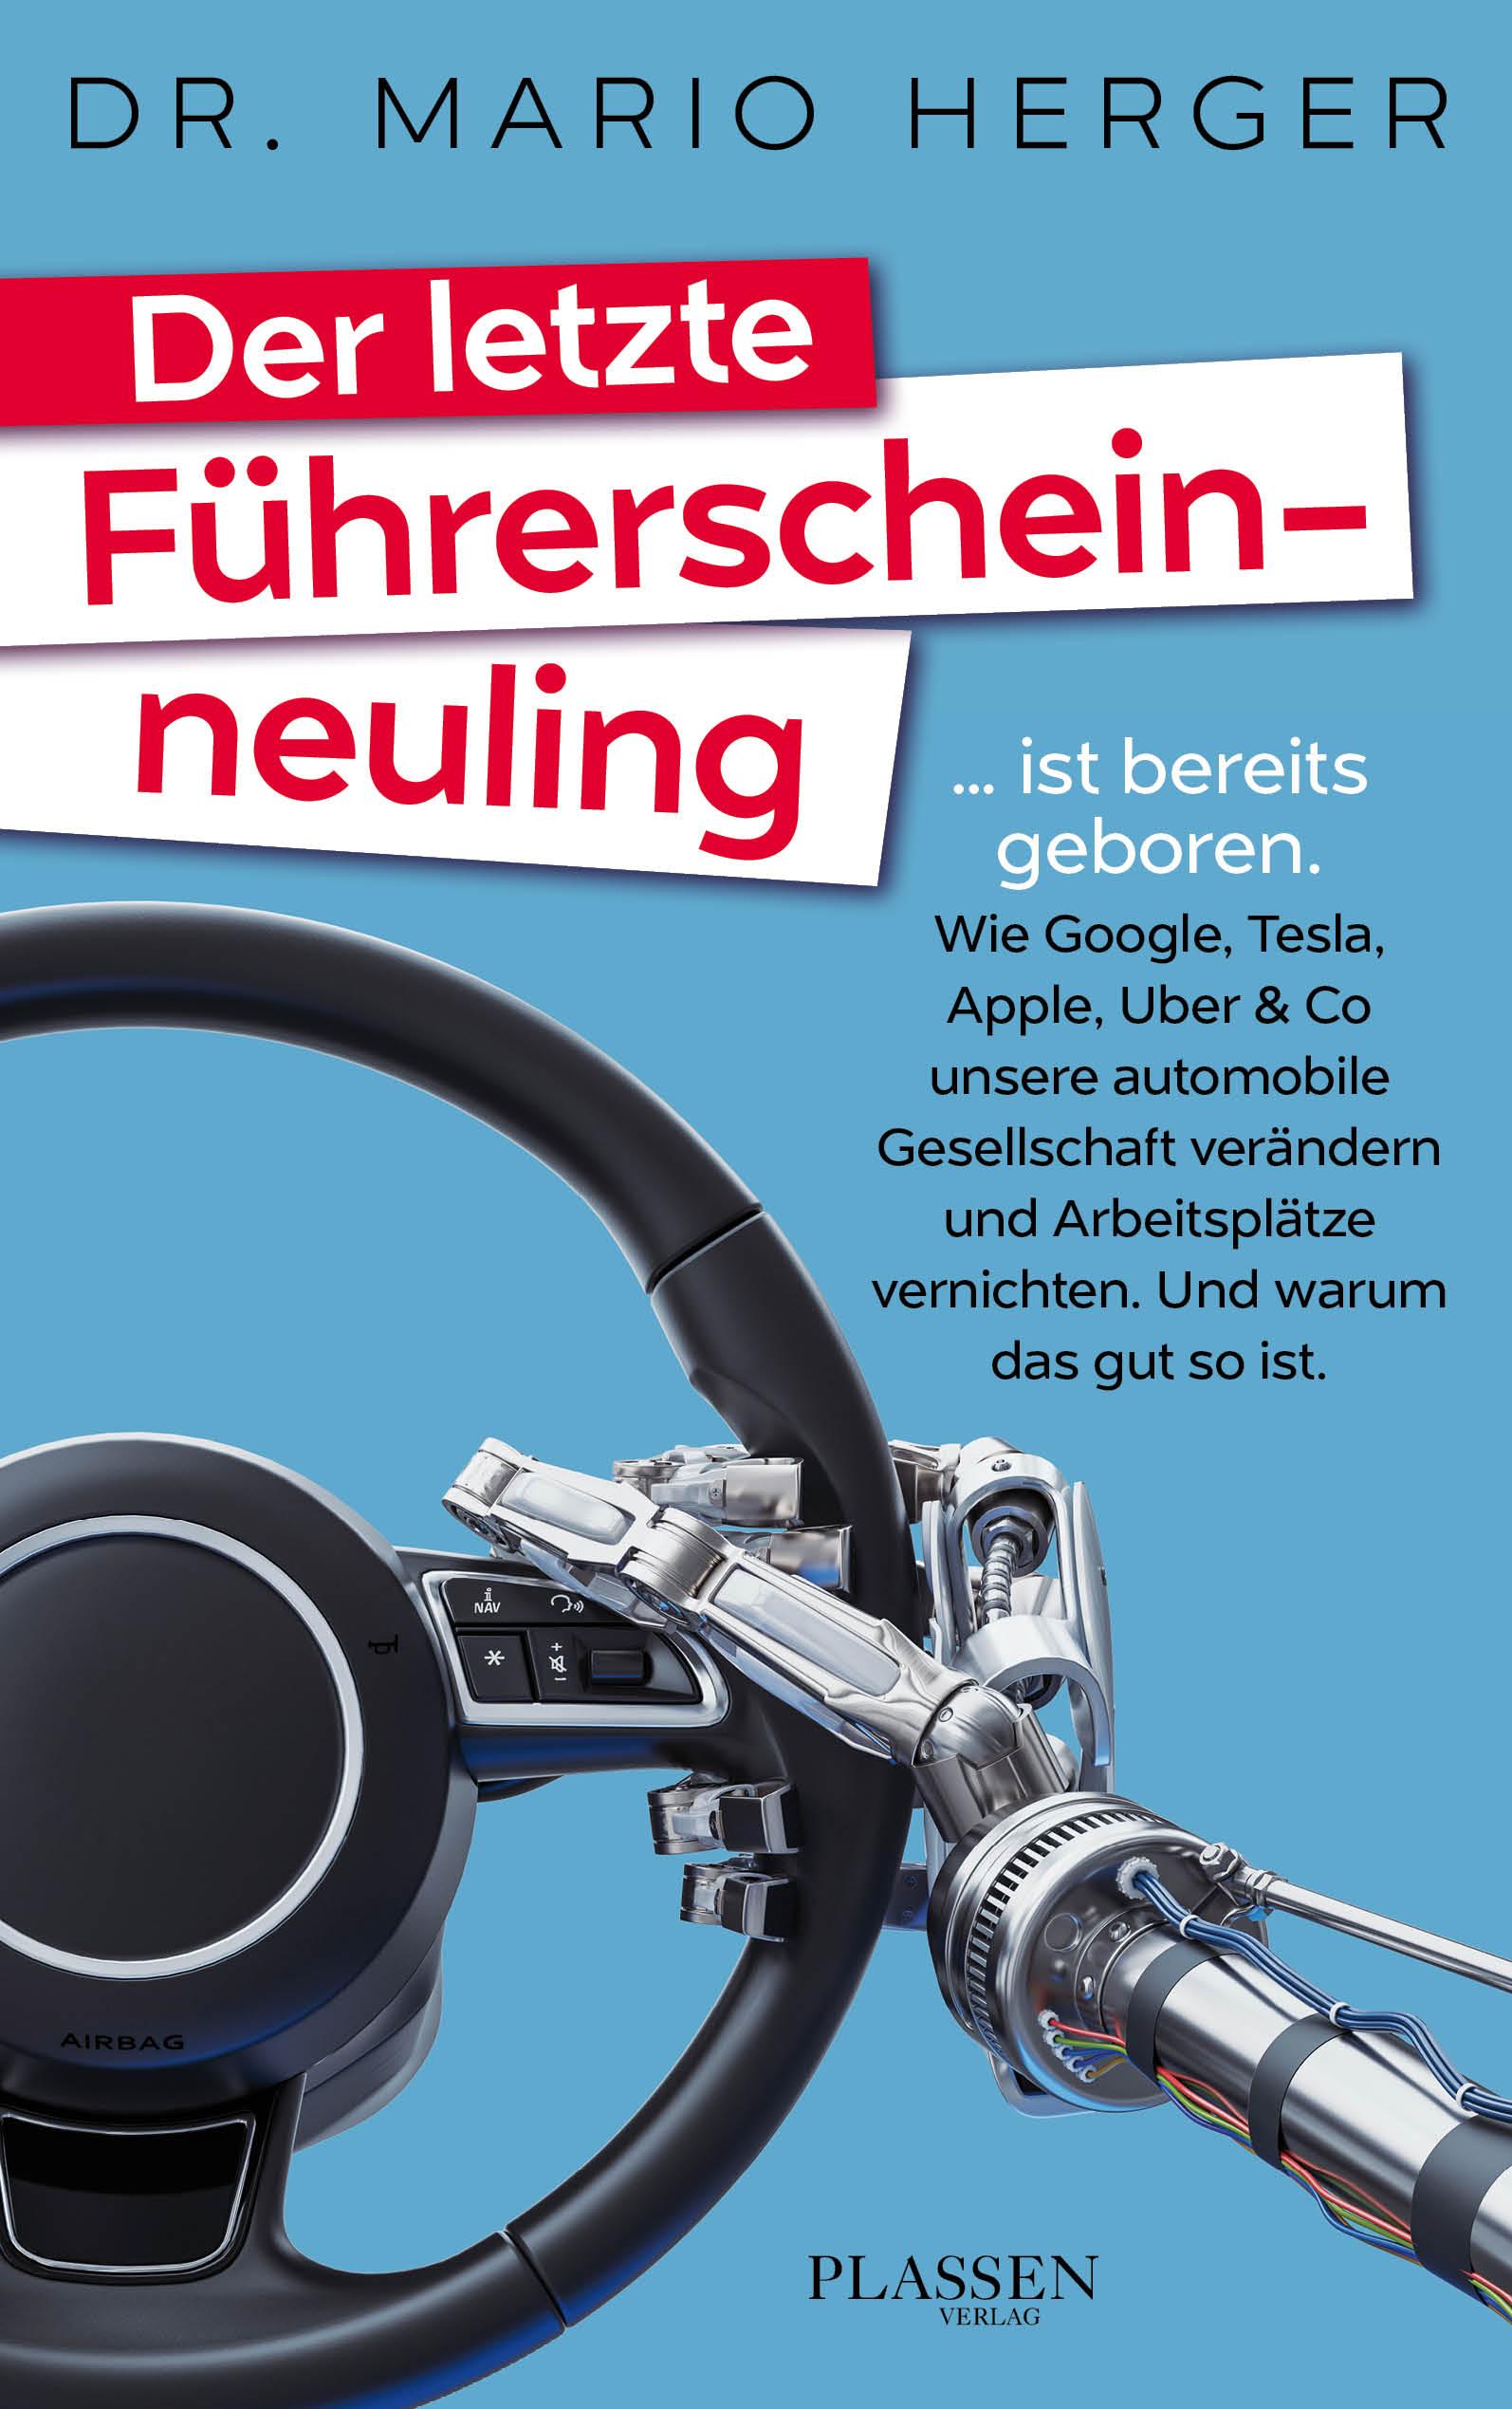 Der letzte Führerscheinneuling ... ist bereits geboren. Wie Google, Tesla, Apple, Uber & Co unsere automobile Gesellschaft verändern und Arbeitsplätze vernichten. Und warum das gut so ist.